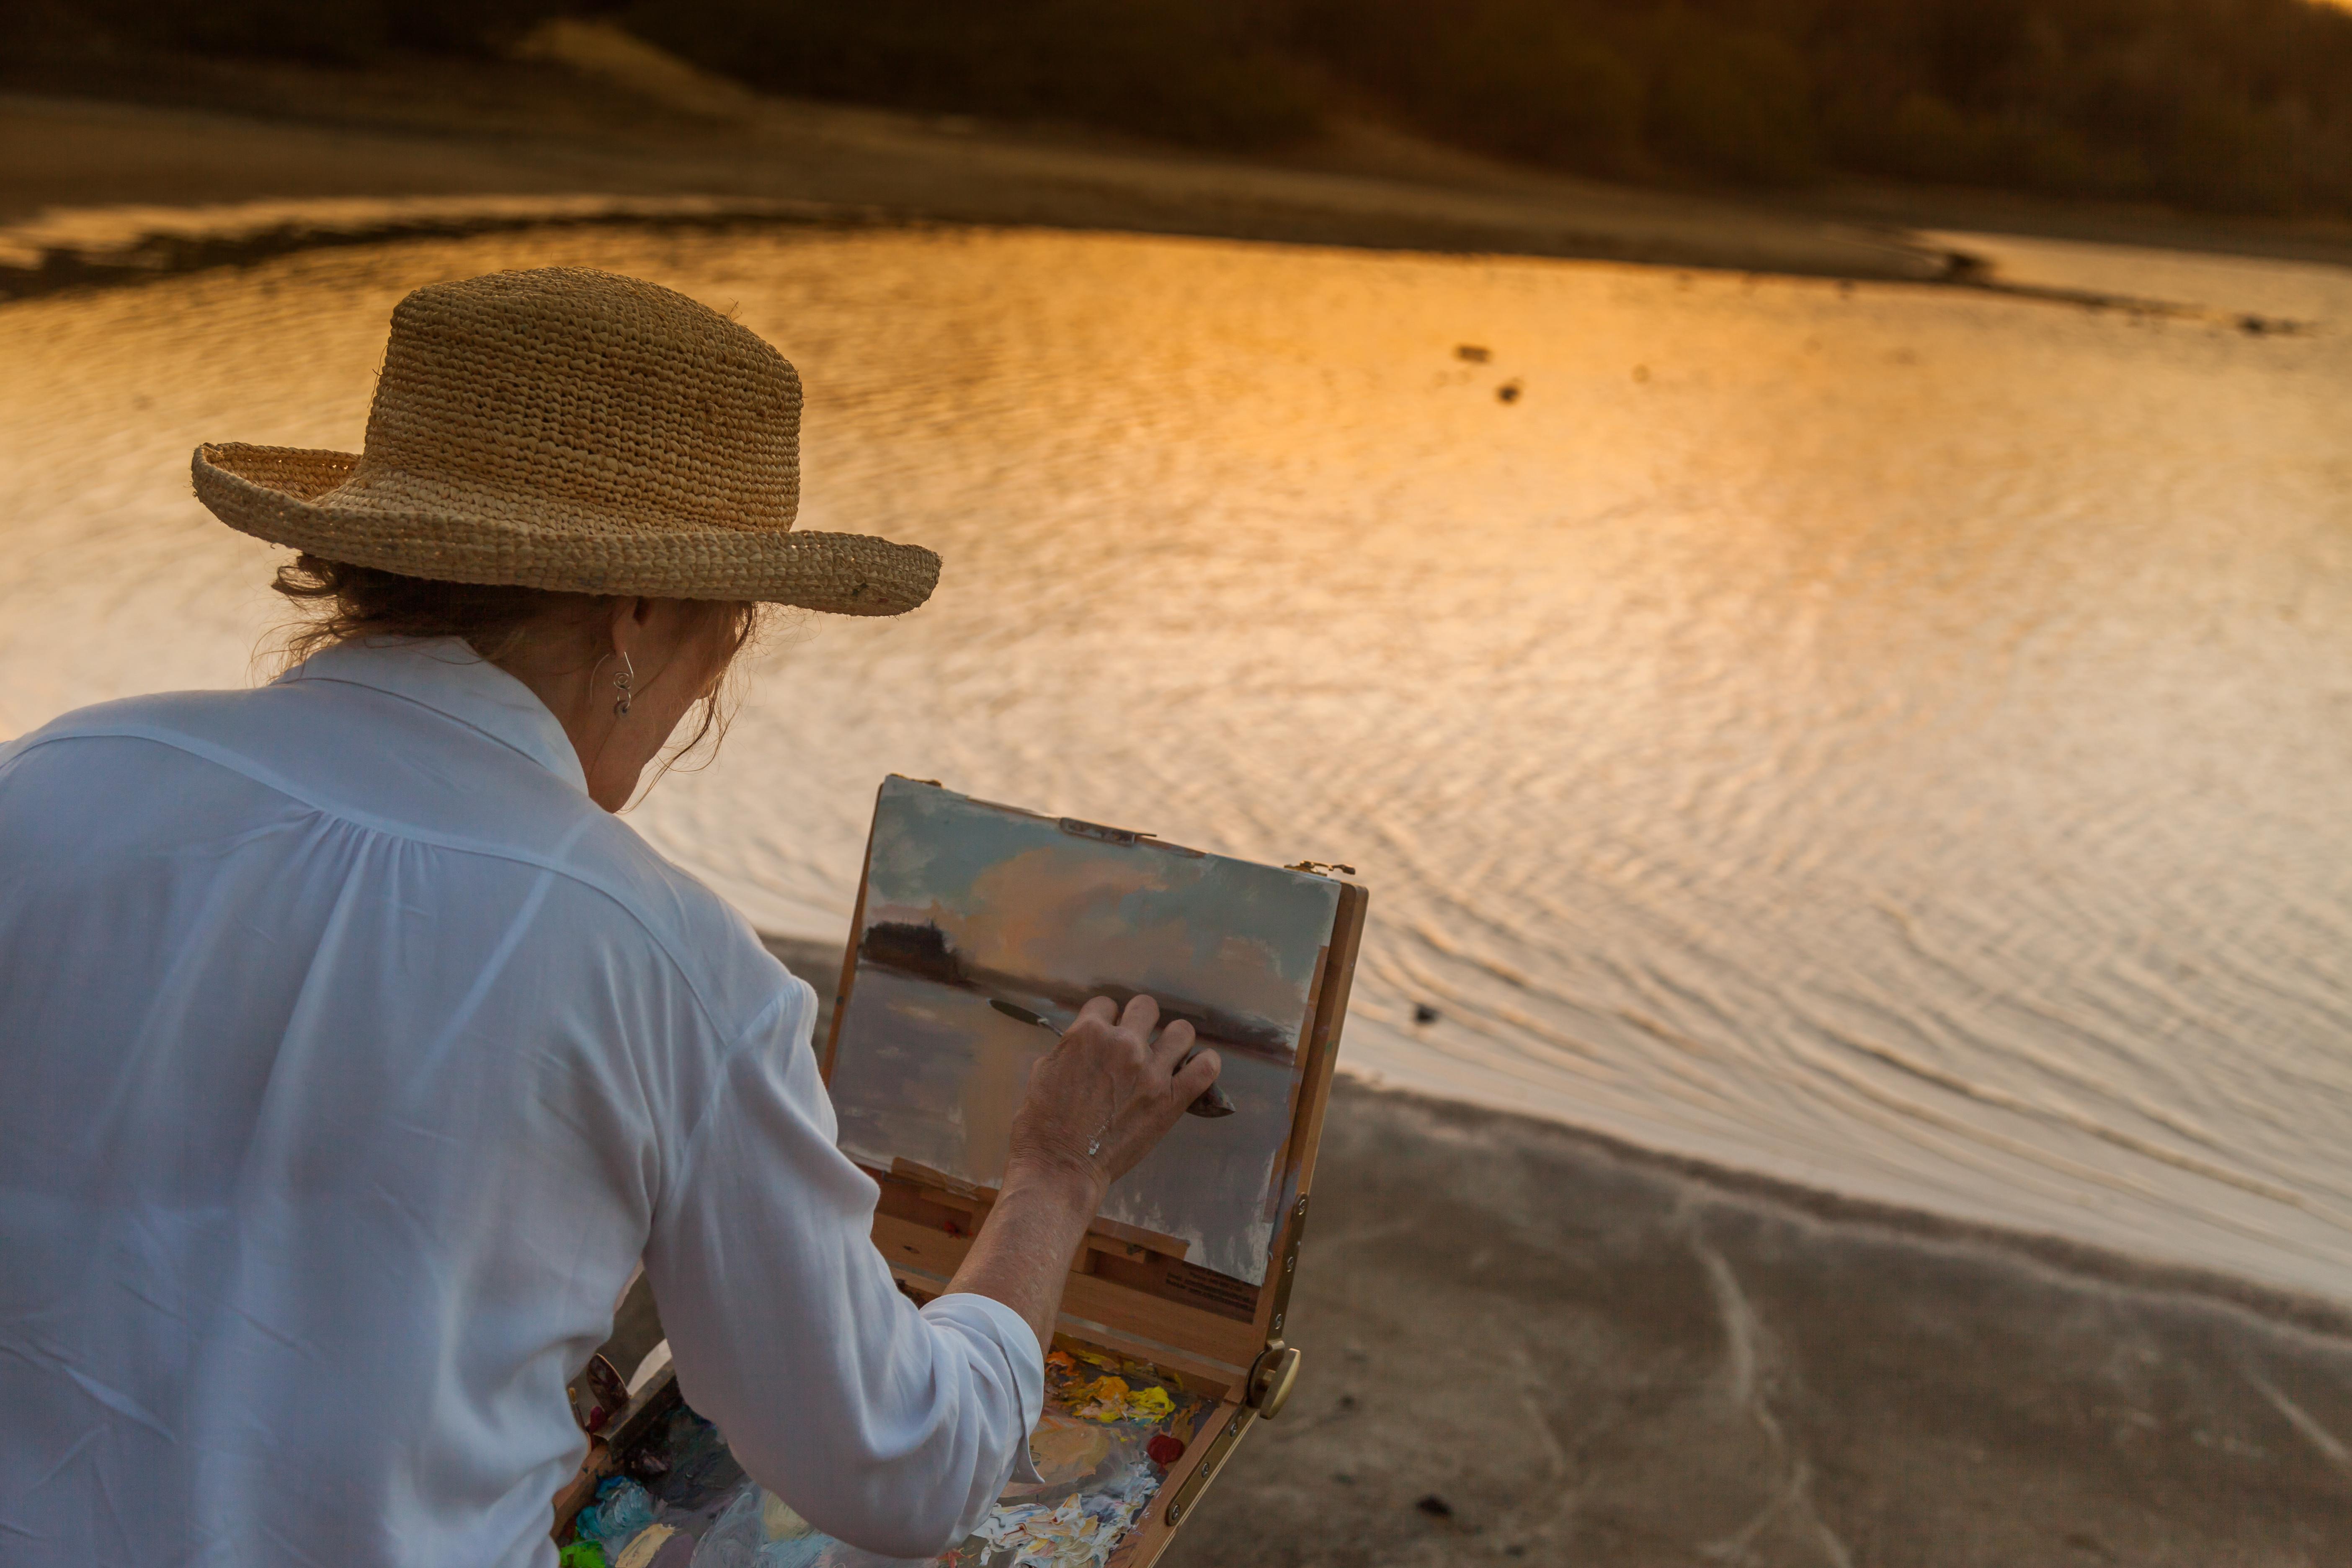 Sunset & Moonlight Painting